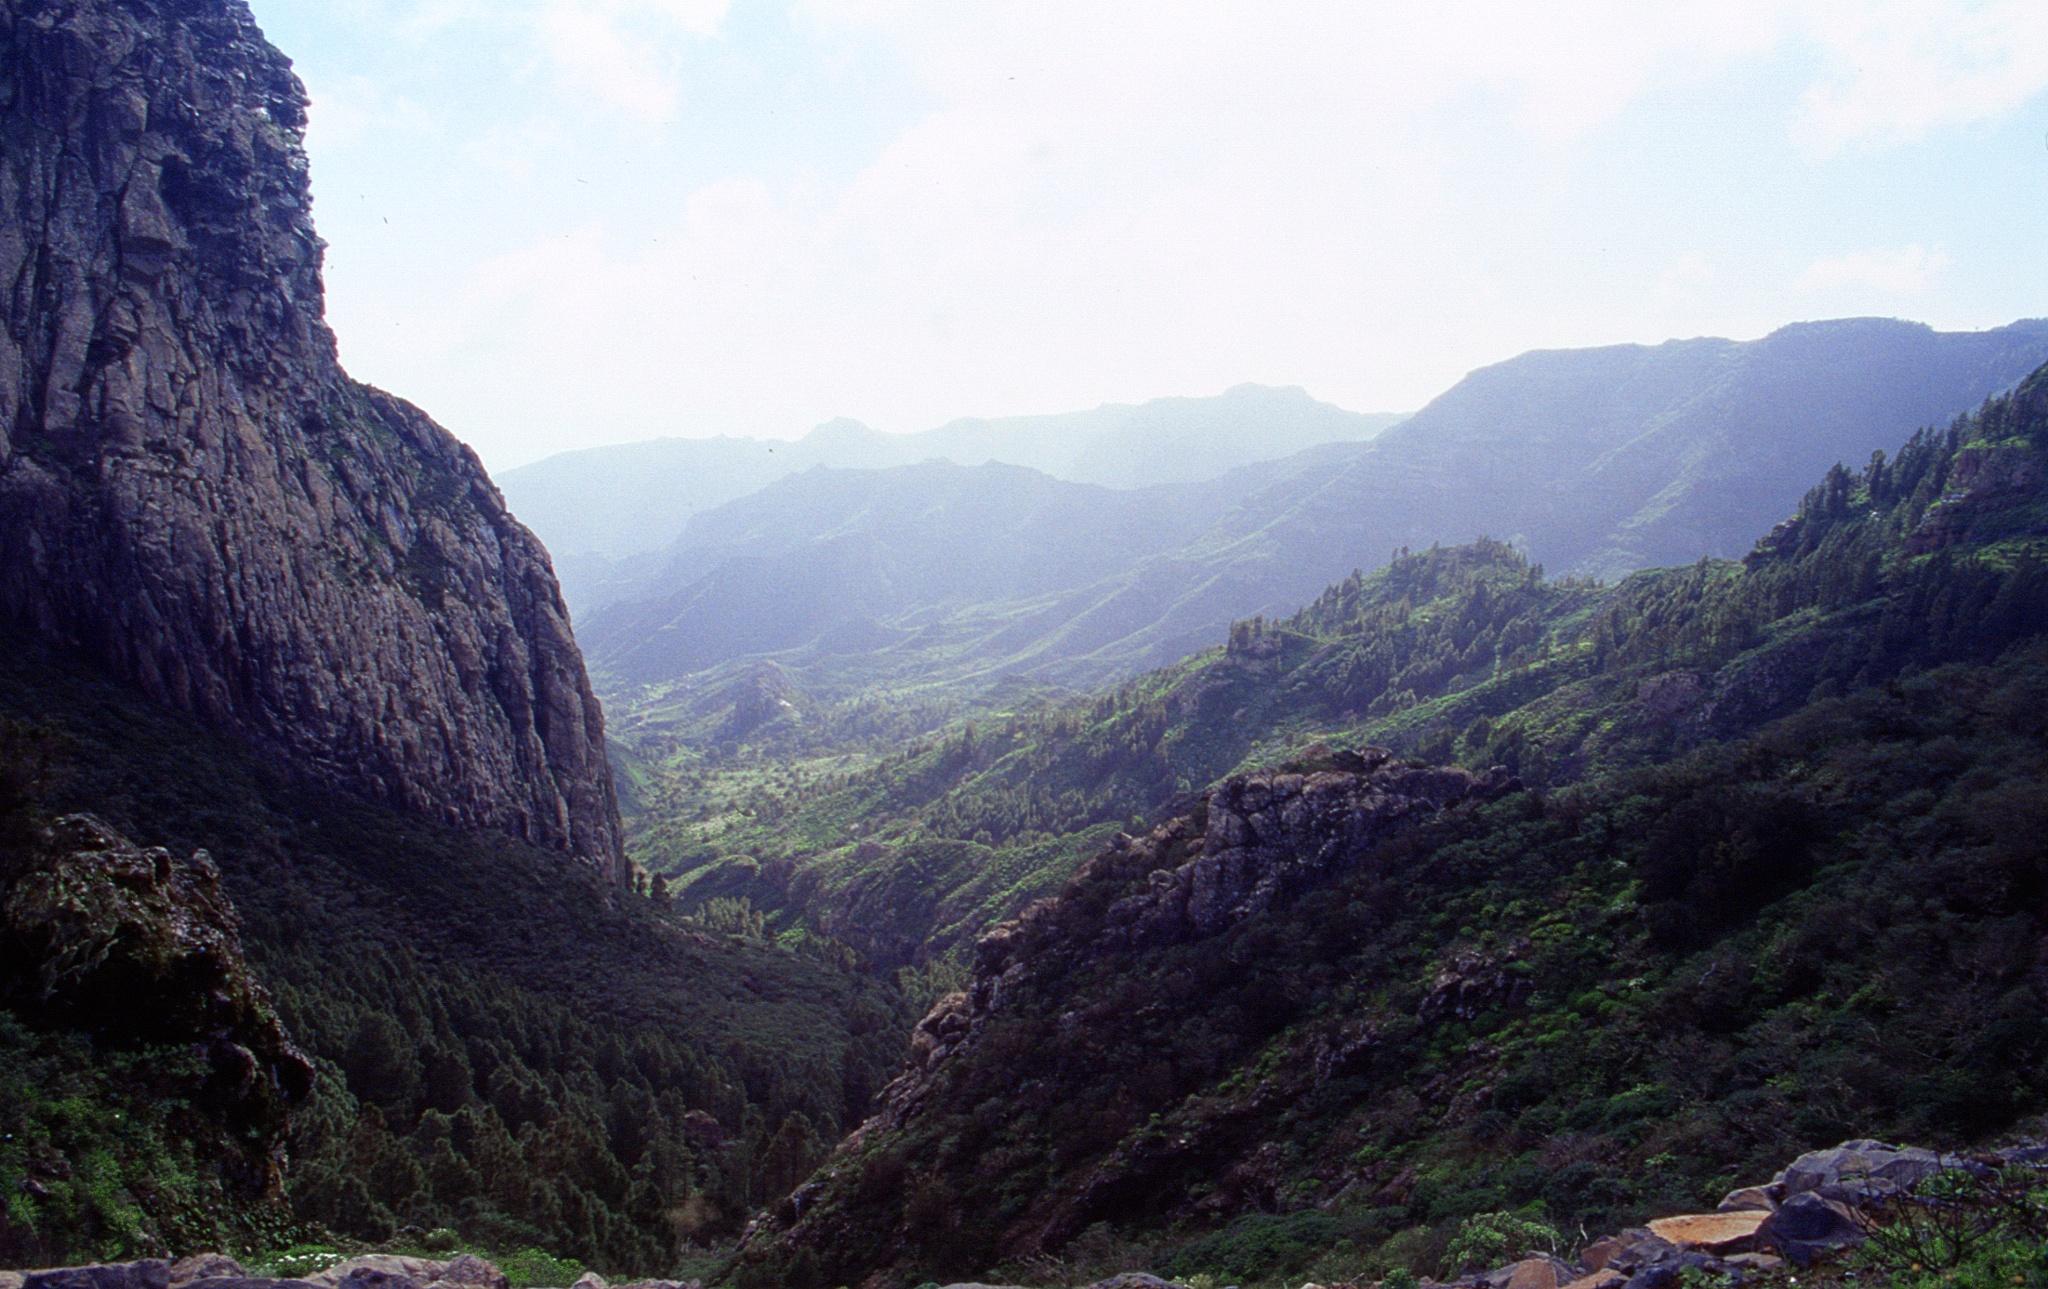 La Gomera. Spain by mmr10000